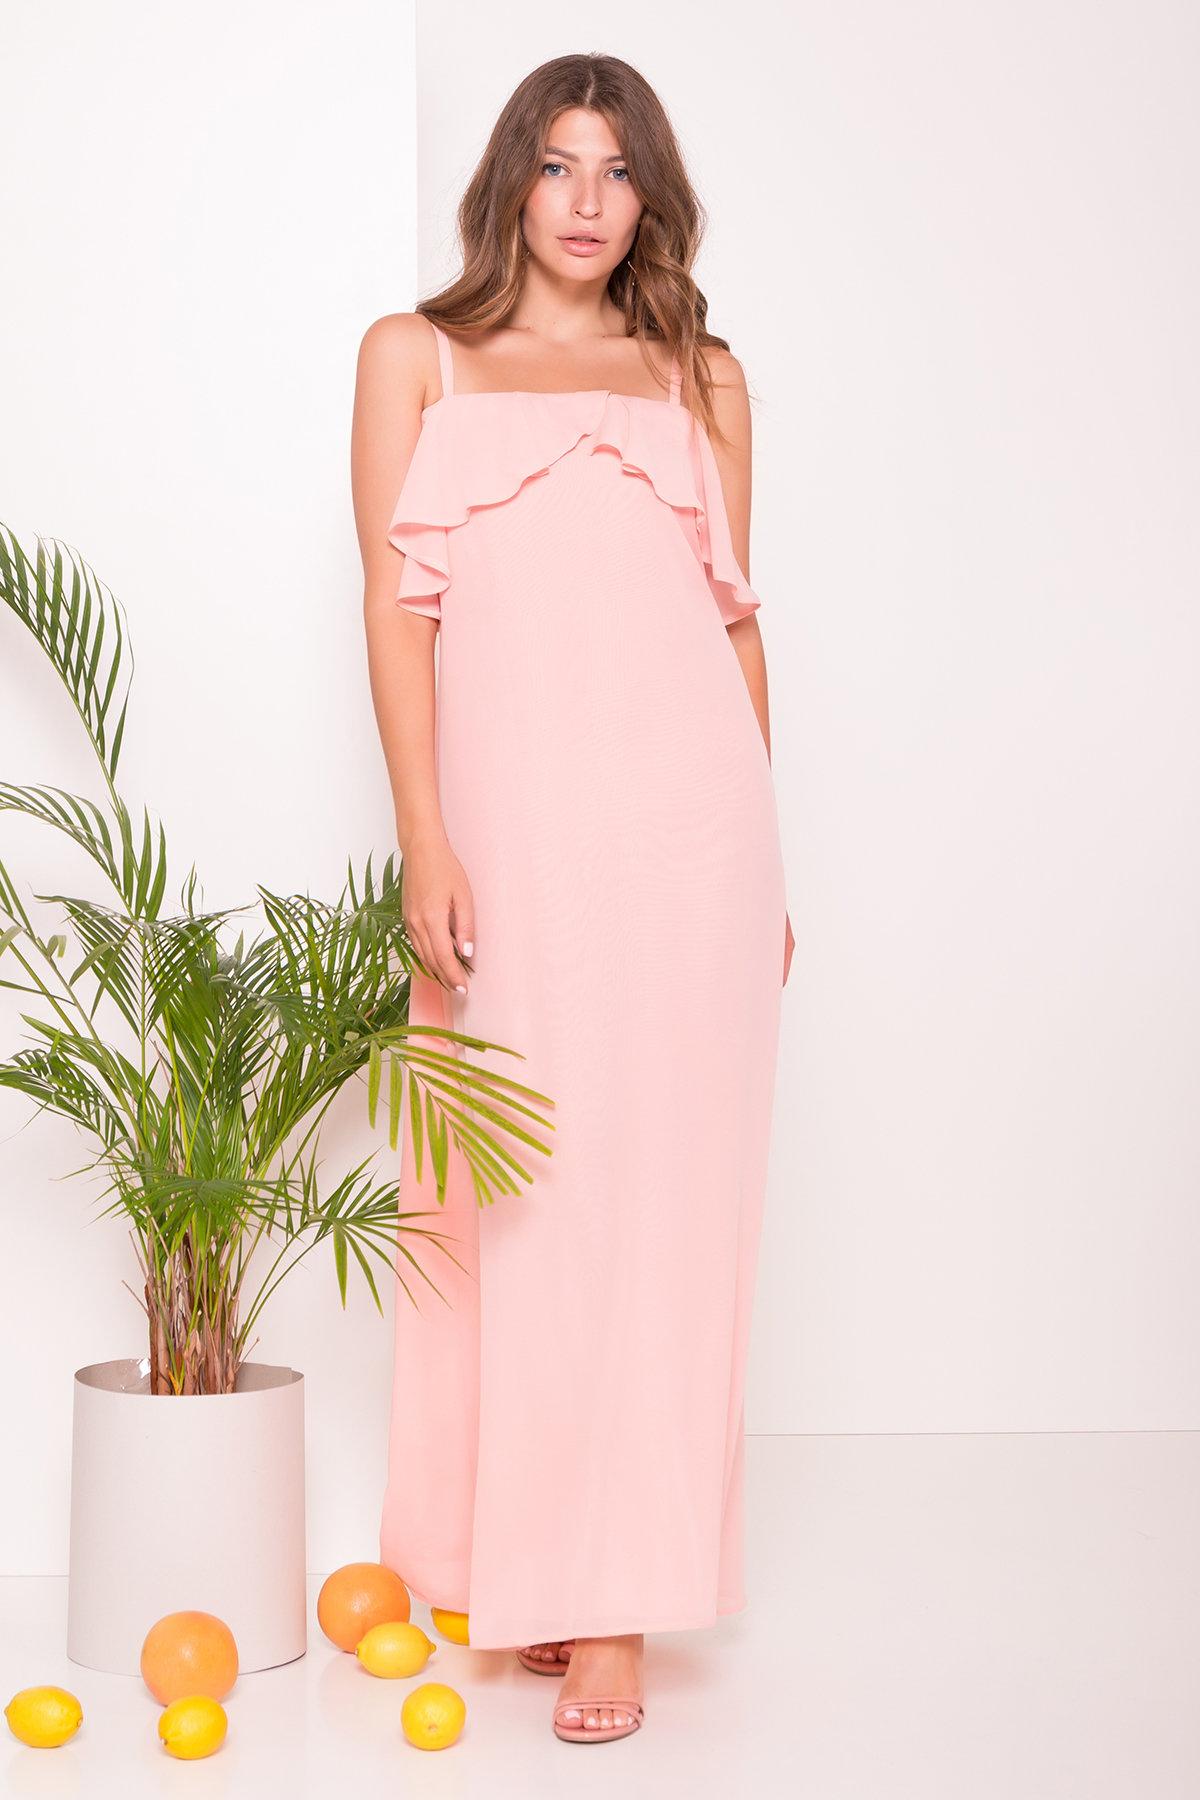 Платье Пикабу 7449 АРТ. 43246 Цвет: Персик - фото 3, интернет магазин tm-modus.ru